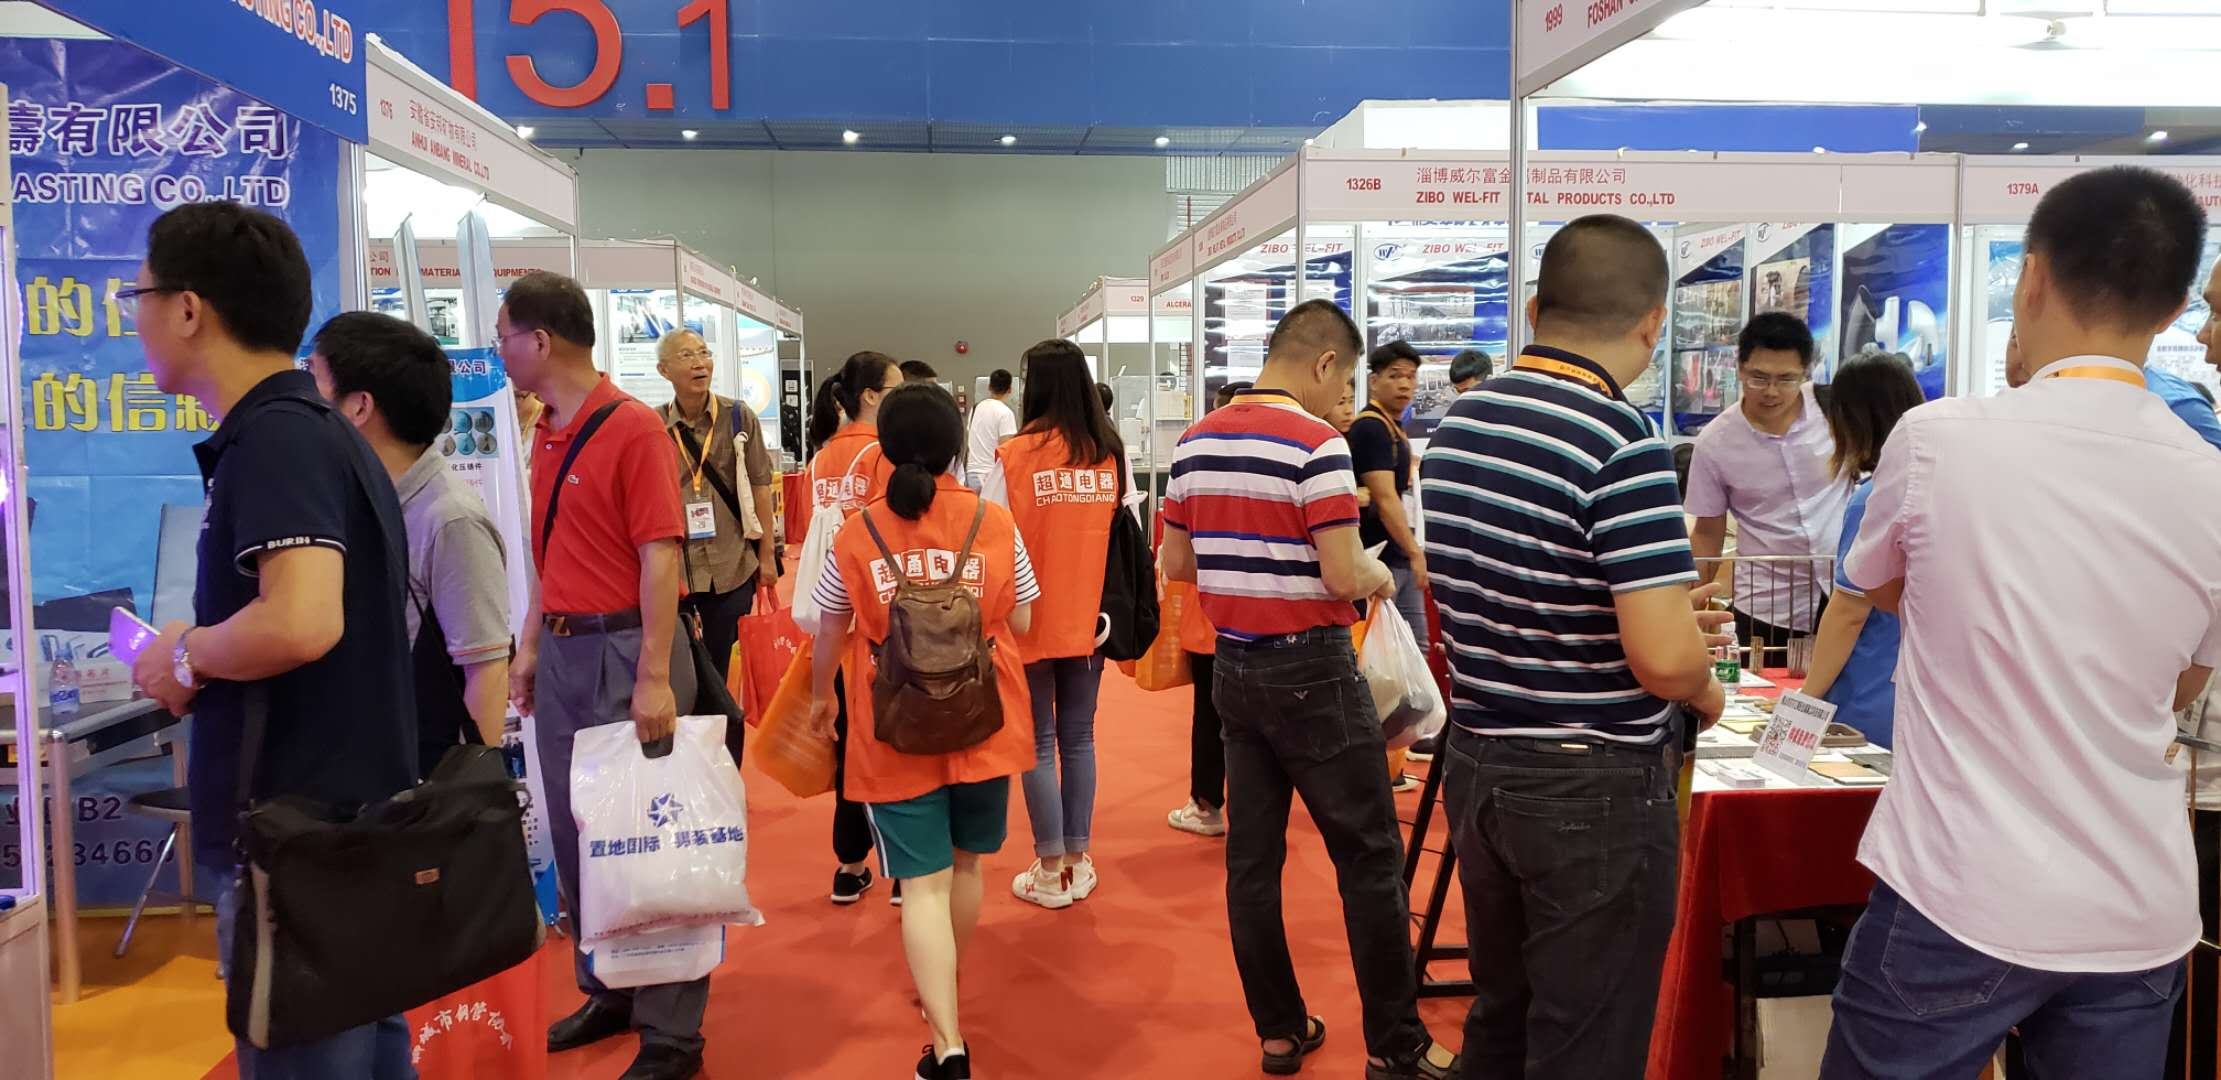 不銹鋼展覽會|2021年第22屆廣州國際不銹鋼展會